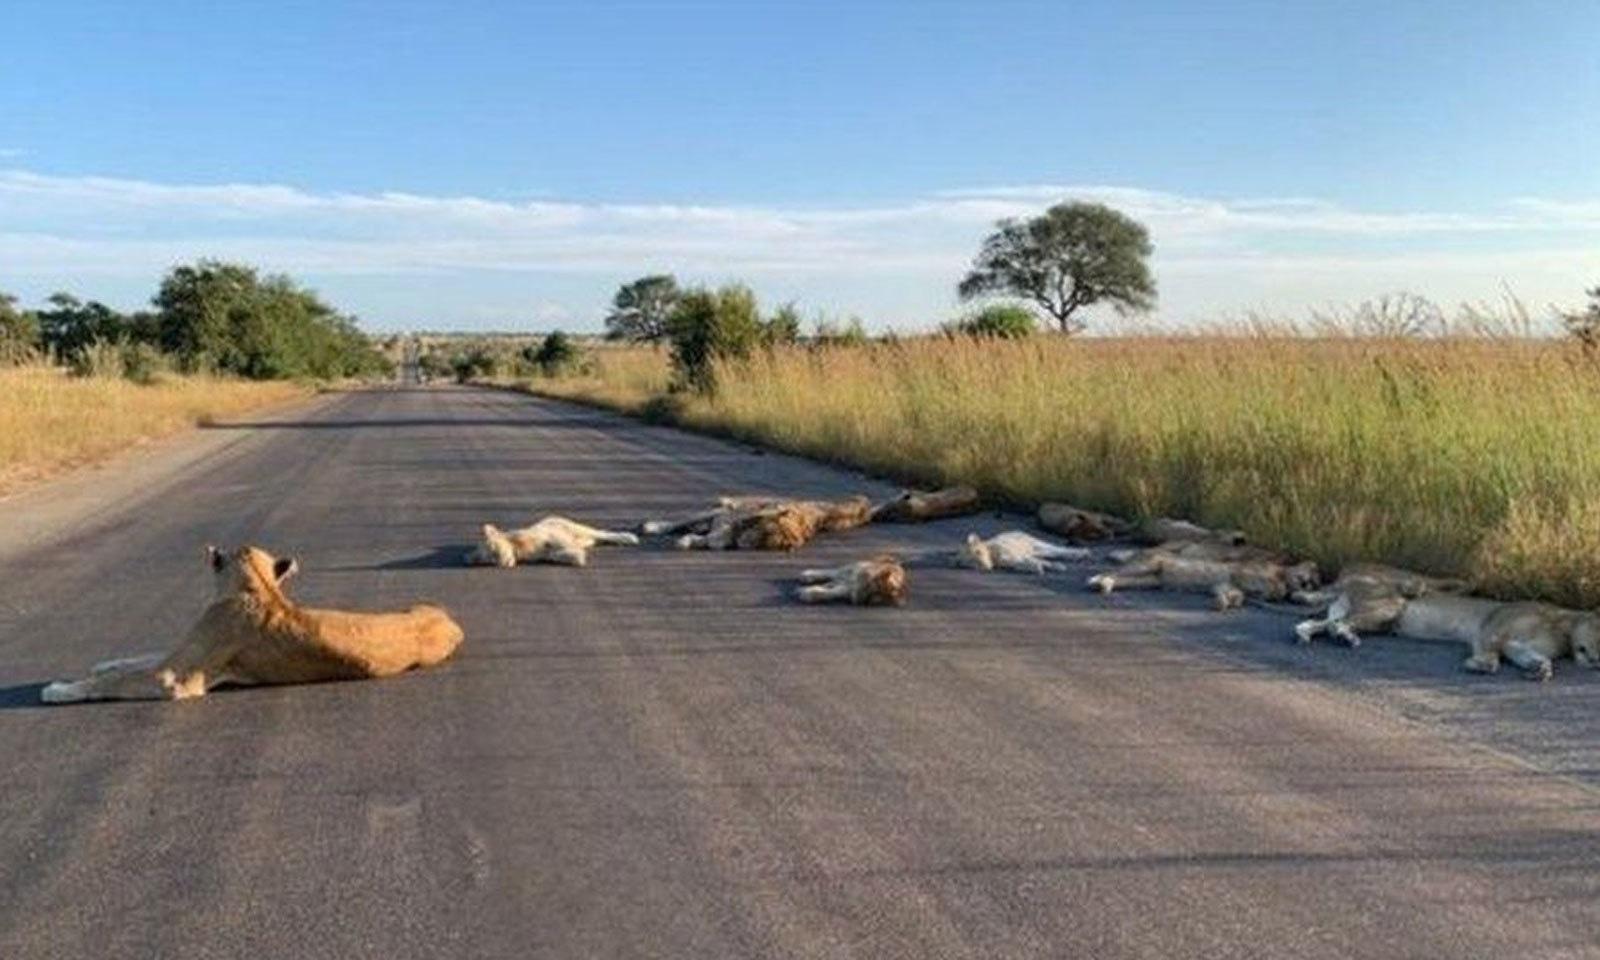 جنوبی افریقہ میں عام دنوں میں مصروف رہنے والی سڑک پر شیر سورہے ہیں —فوٹو: ٹوئٹر